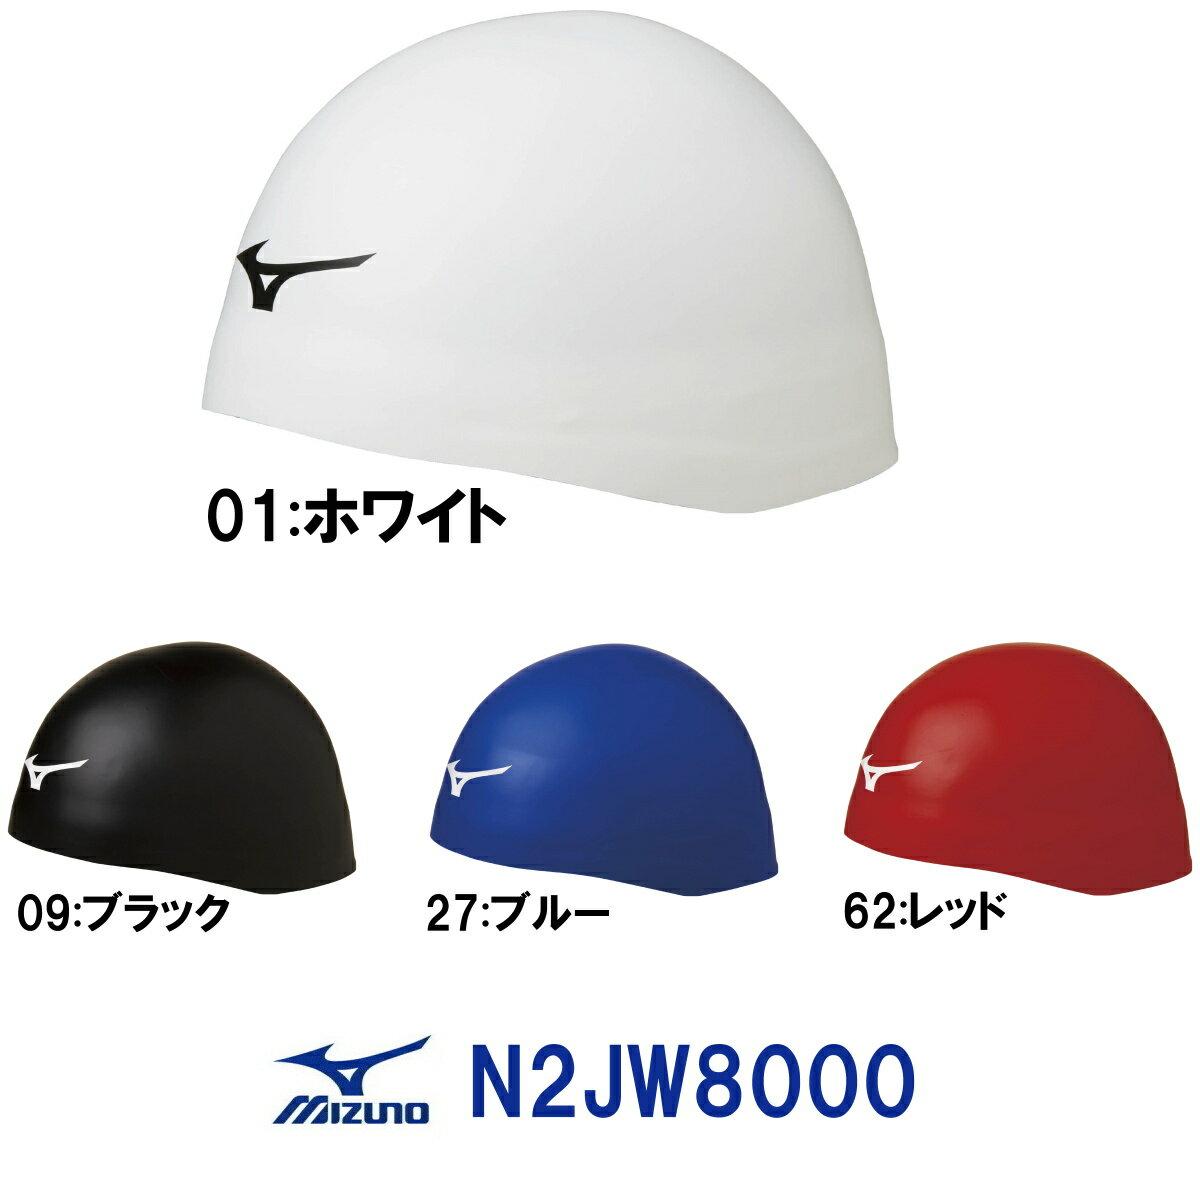 ミズノ MIZUNO 水泳 スイムキャップ シリコンキャップ FINA承認モデル [GX・SONIC HEAD PLUS ジーエックス・ソニックヘッドプラス] 通常サイズ 耳まで覆うタイプ N2JW8000